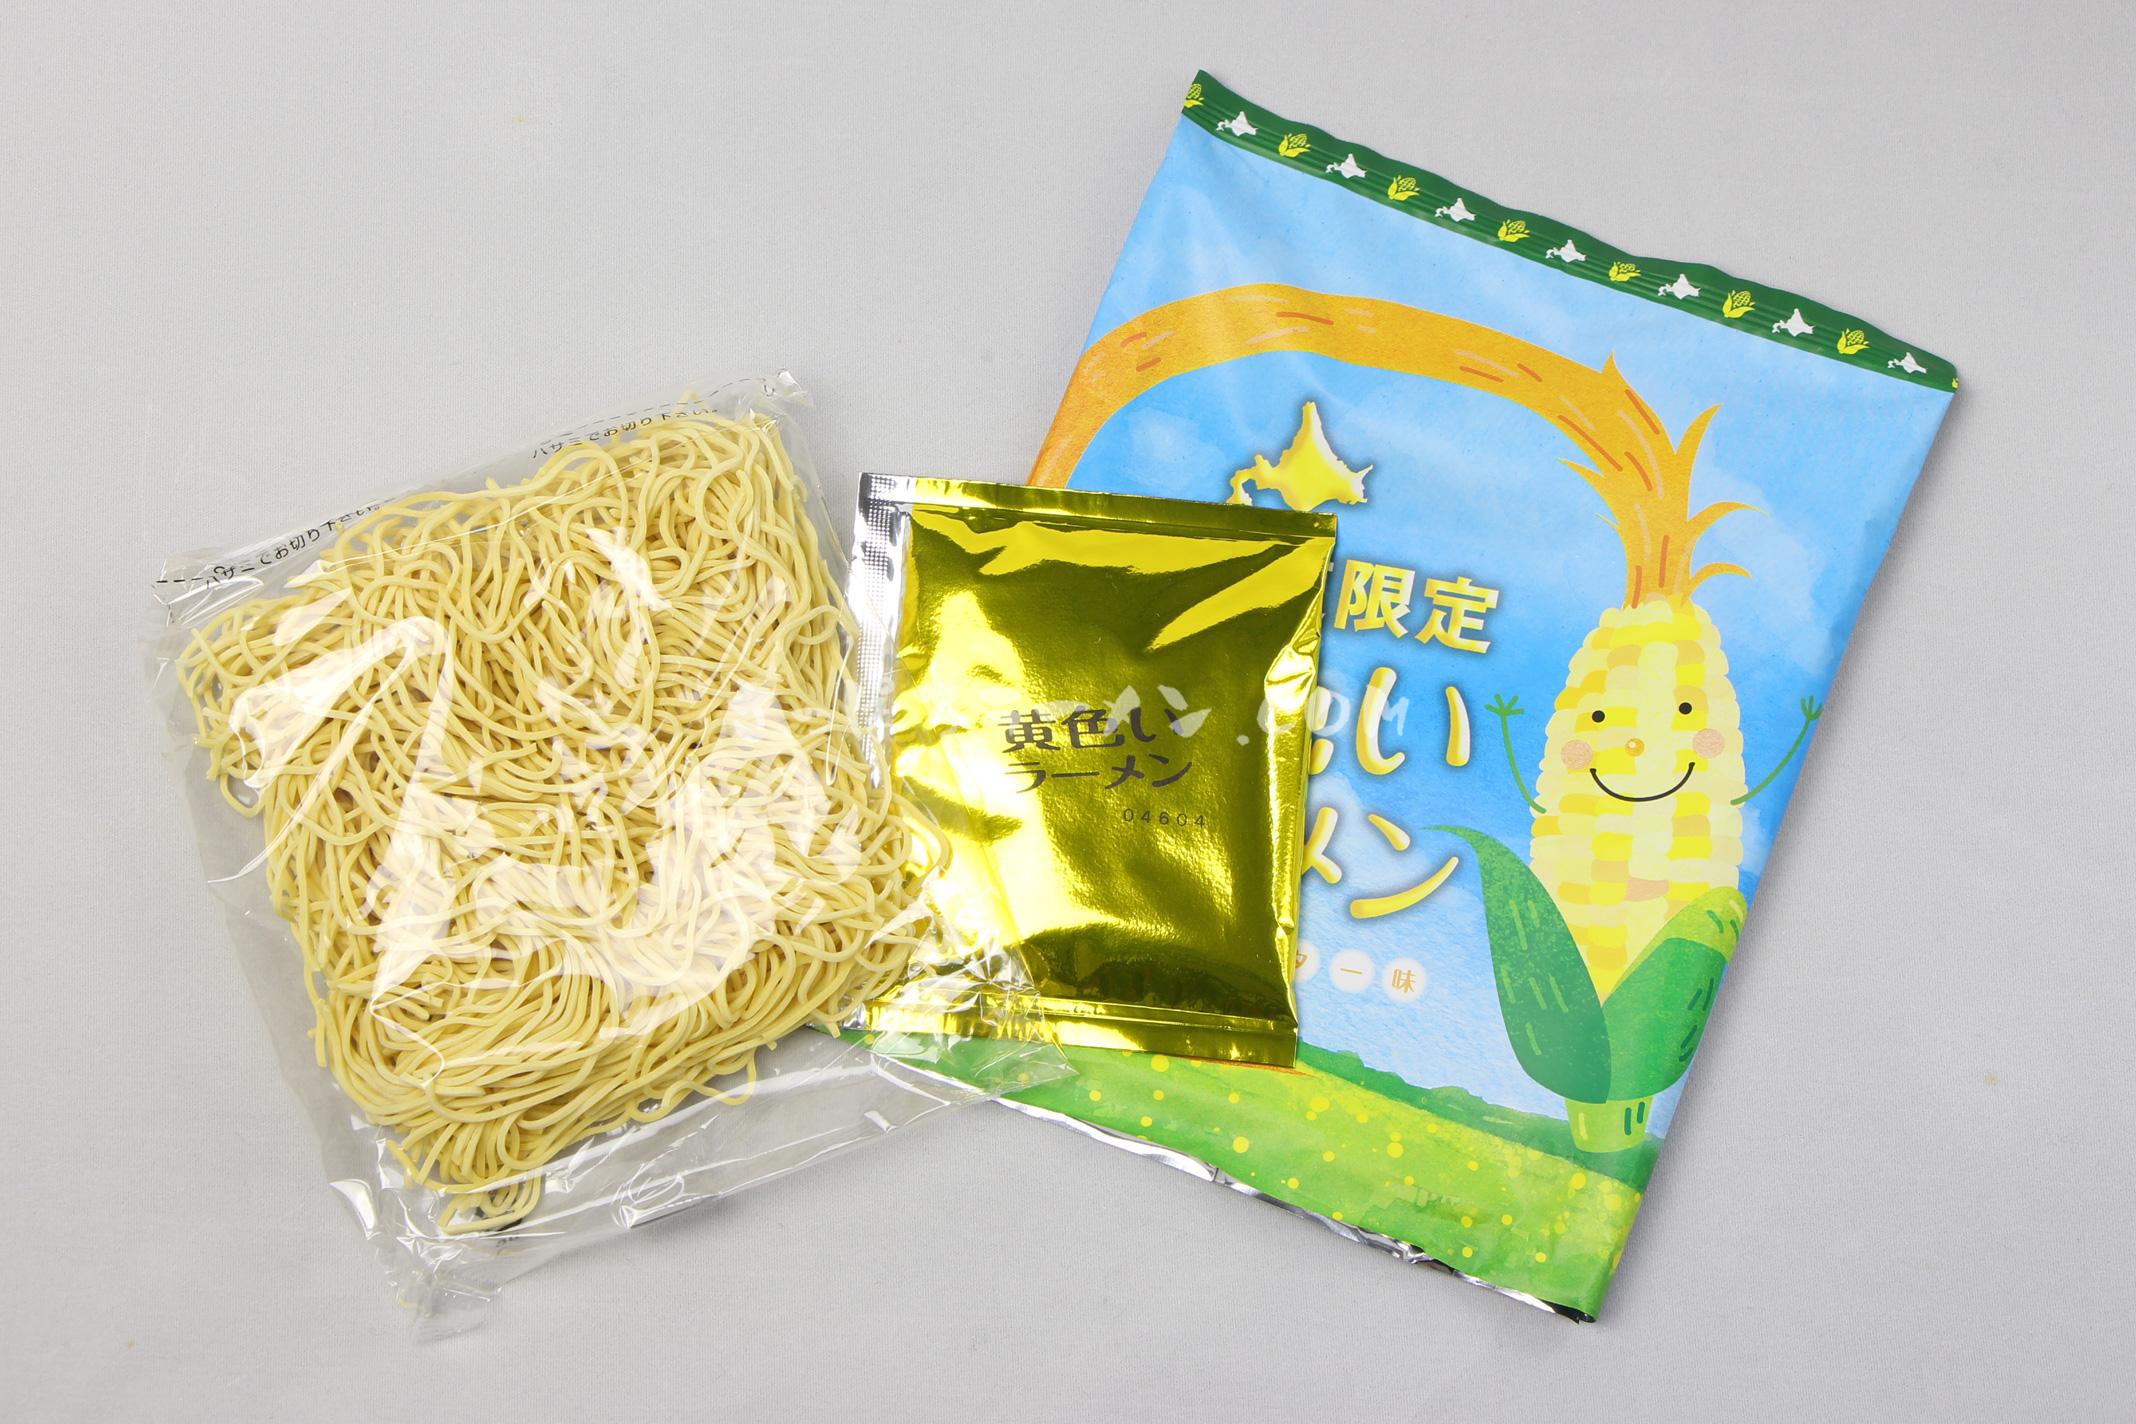 「北海道限定 黄色いラーメン コーンバター味」(藤原製麺)の麺とスープ